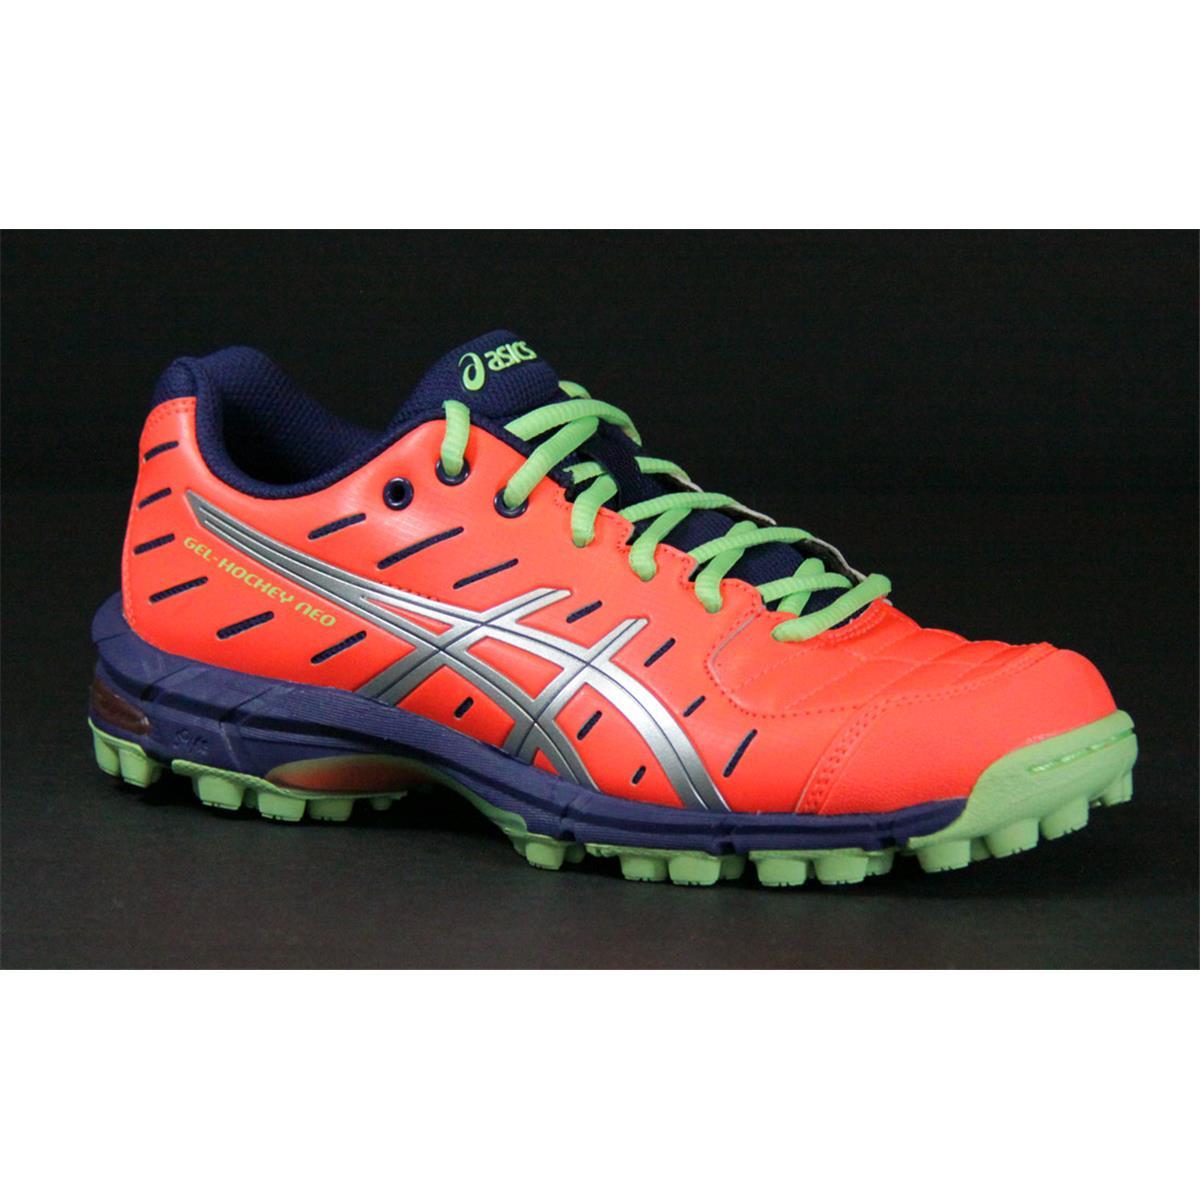 602694e96fe6 Asics Gel Hockey Neo 3 Womens Hockey Shoes (Coral ...